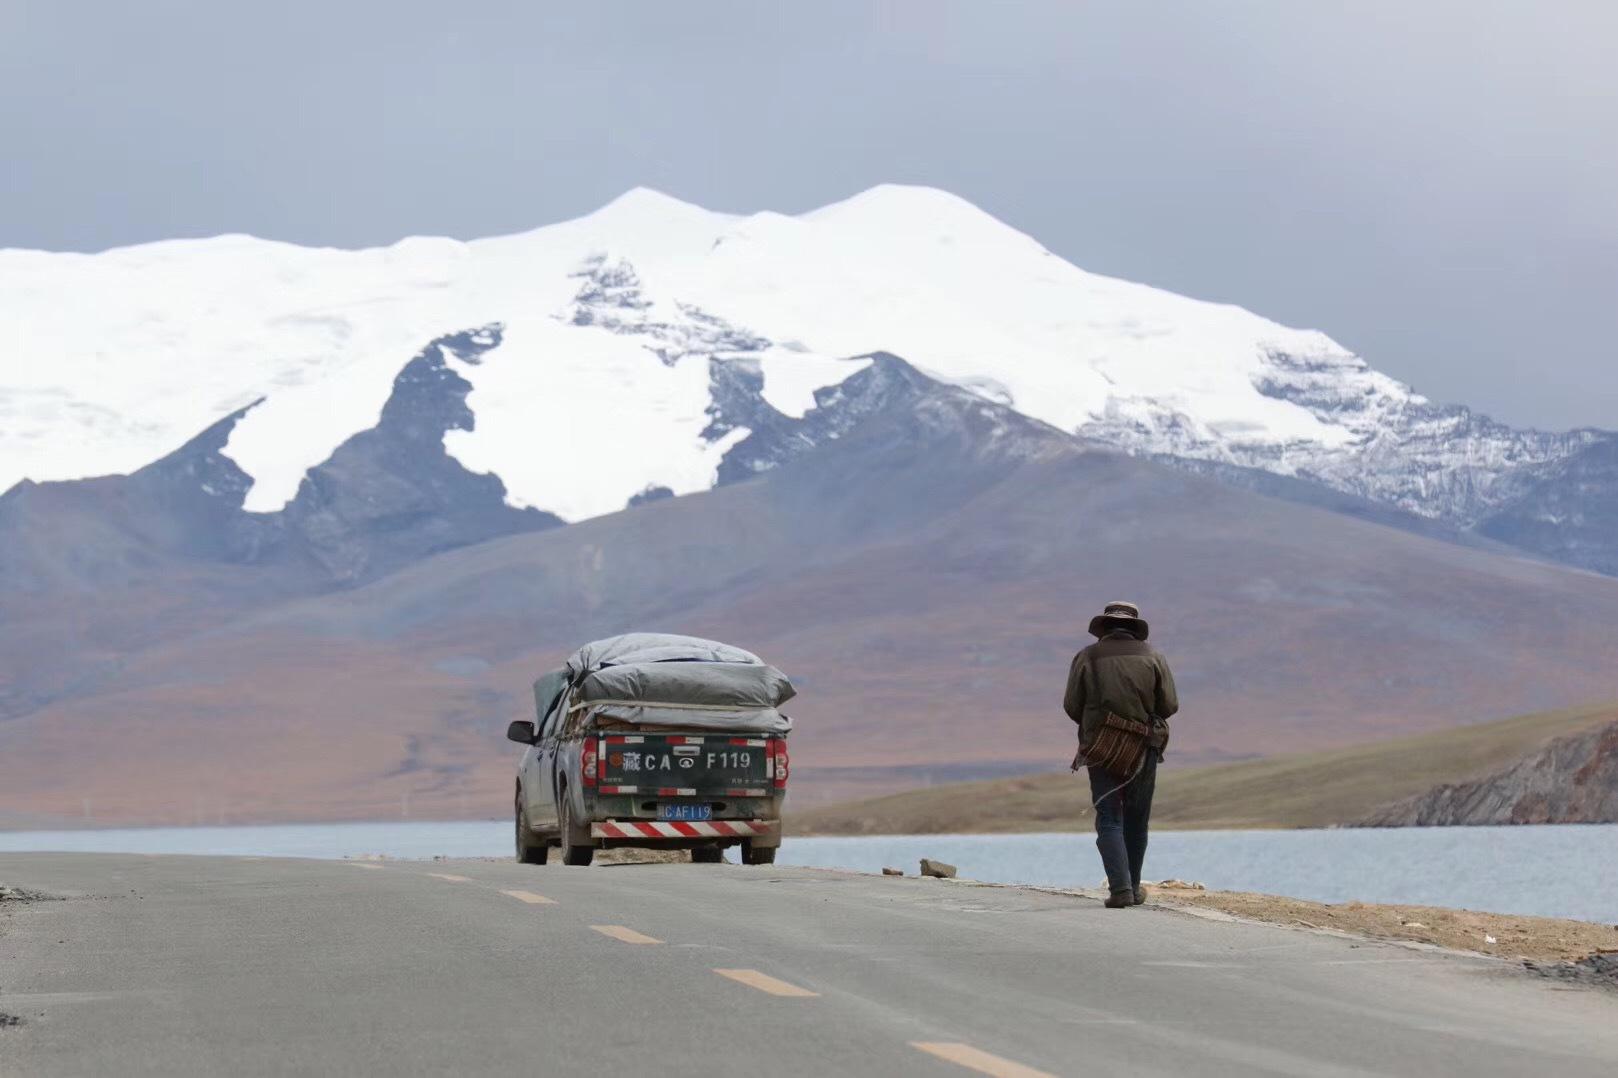 为你我受冷风吹,拉萨周边2日游冰川秘境40冰川!